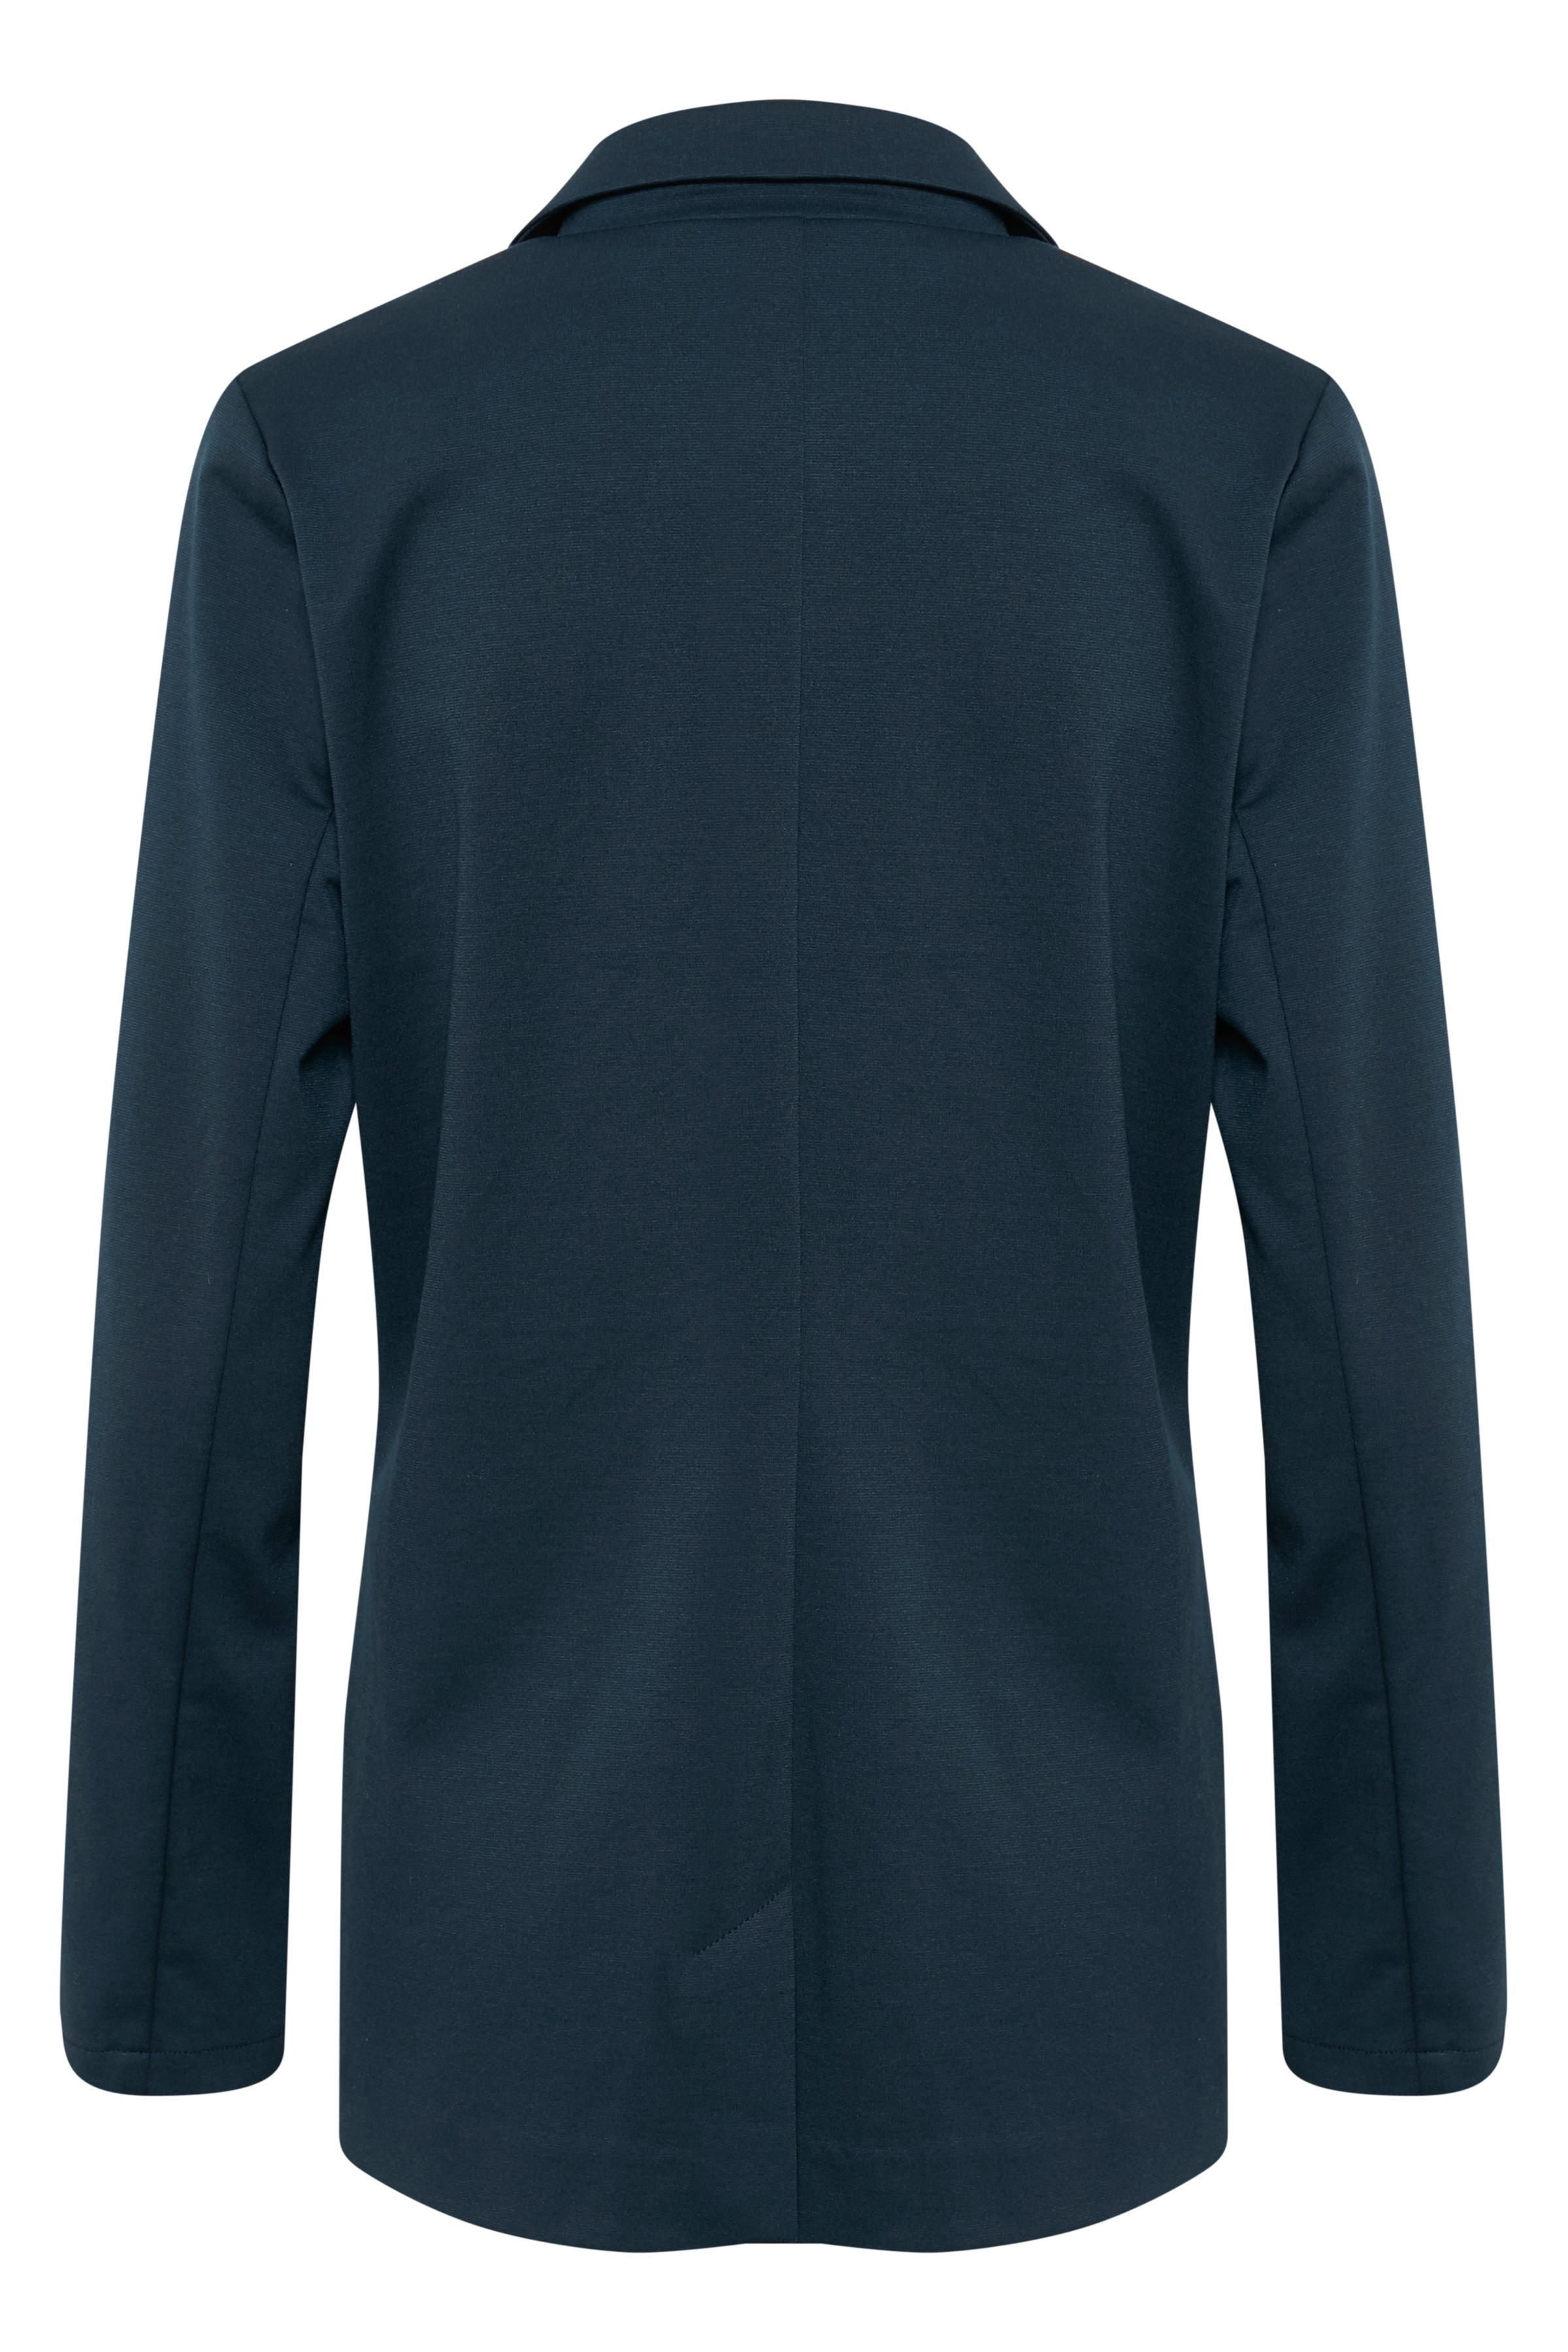 Marineblå Blazer fra Bon'A Parte – Køb Marineblå Blazer fra str. 36-48 her